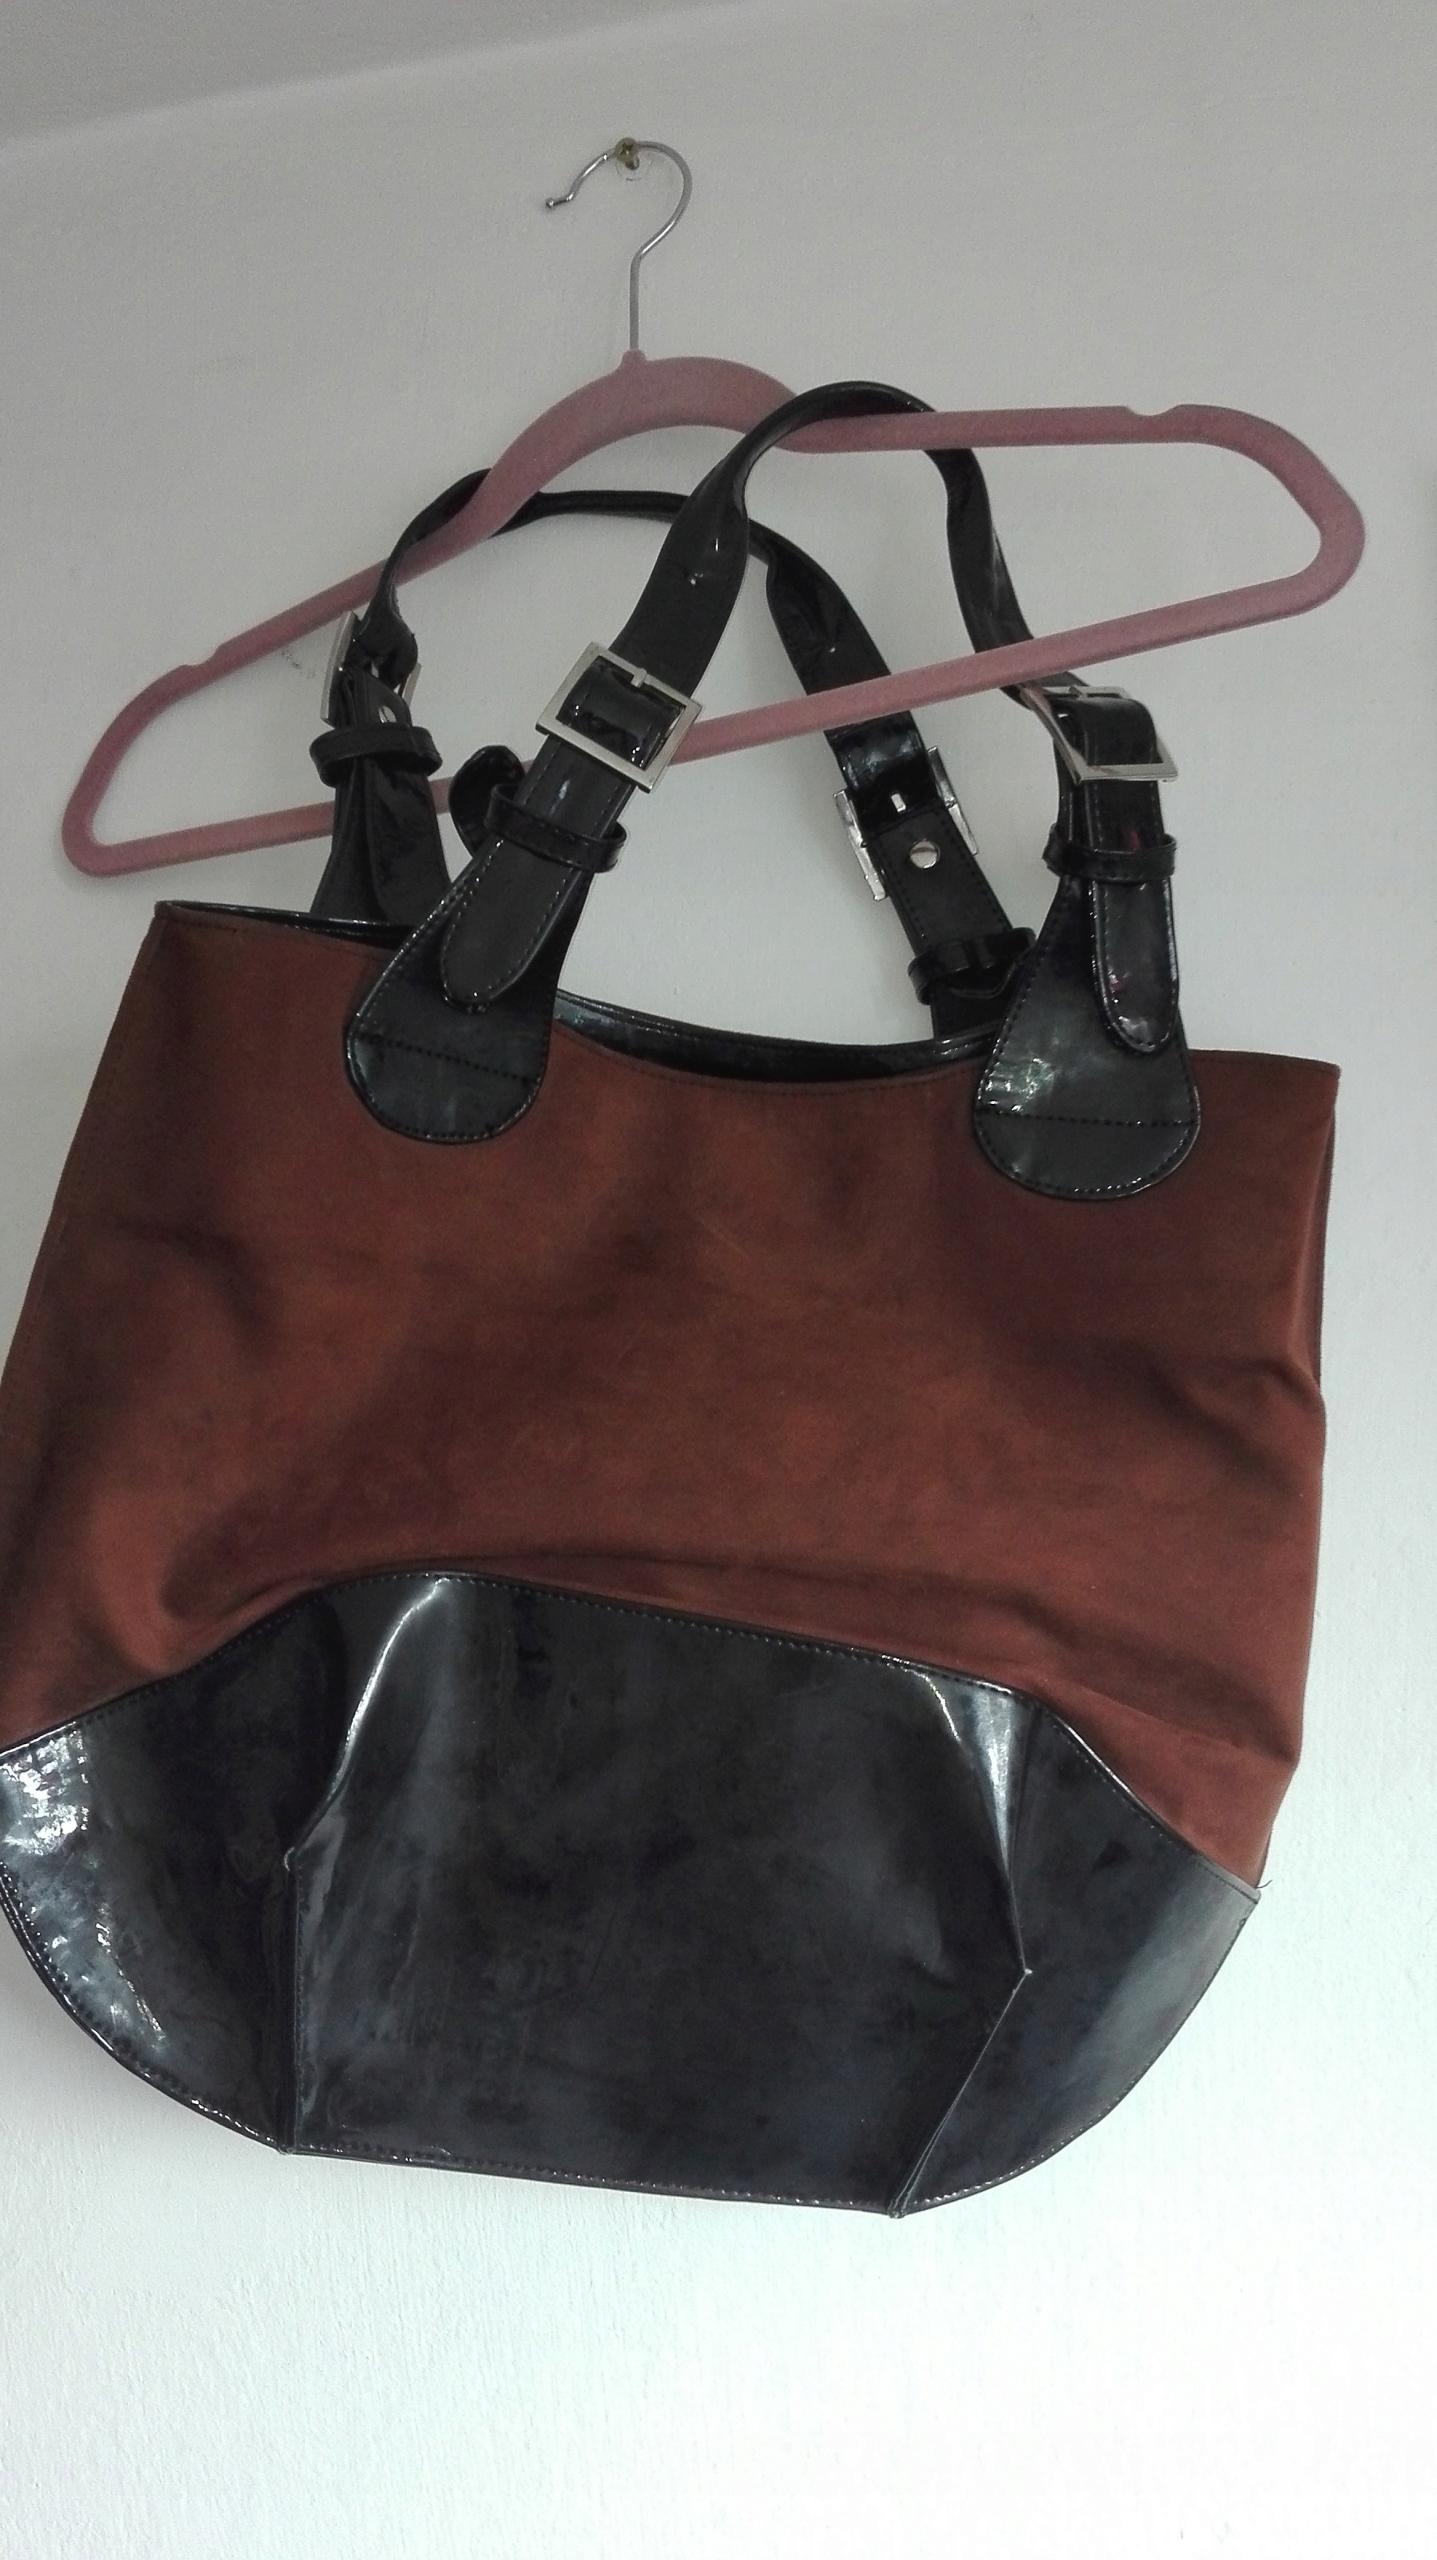 60af852ac2535 Zestaw damskich torebek duże małe różne - 7459657618 - oficjalne ...